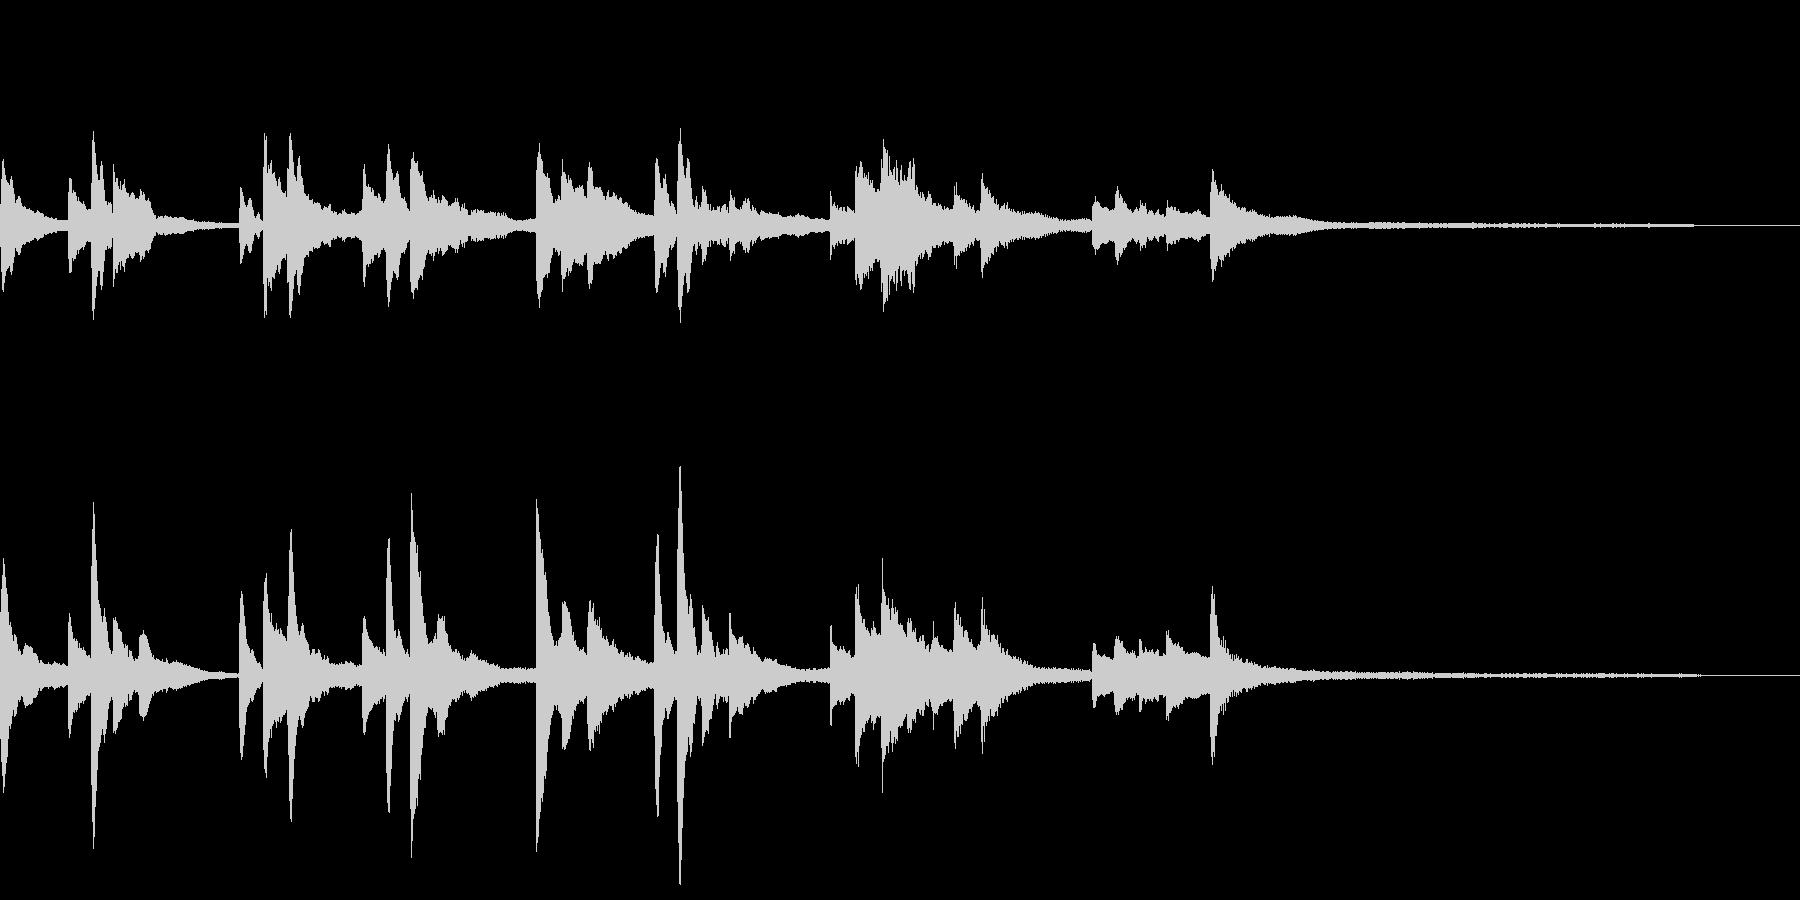 和風のジングル11-ピアノソロの未再生の波形